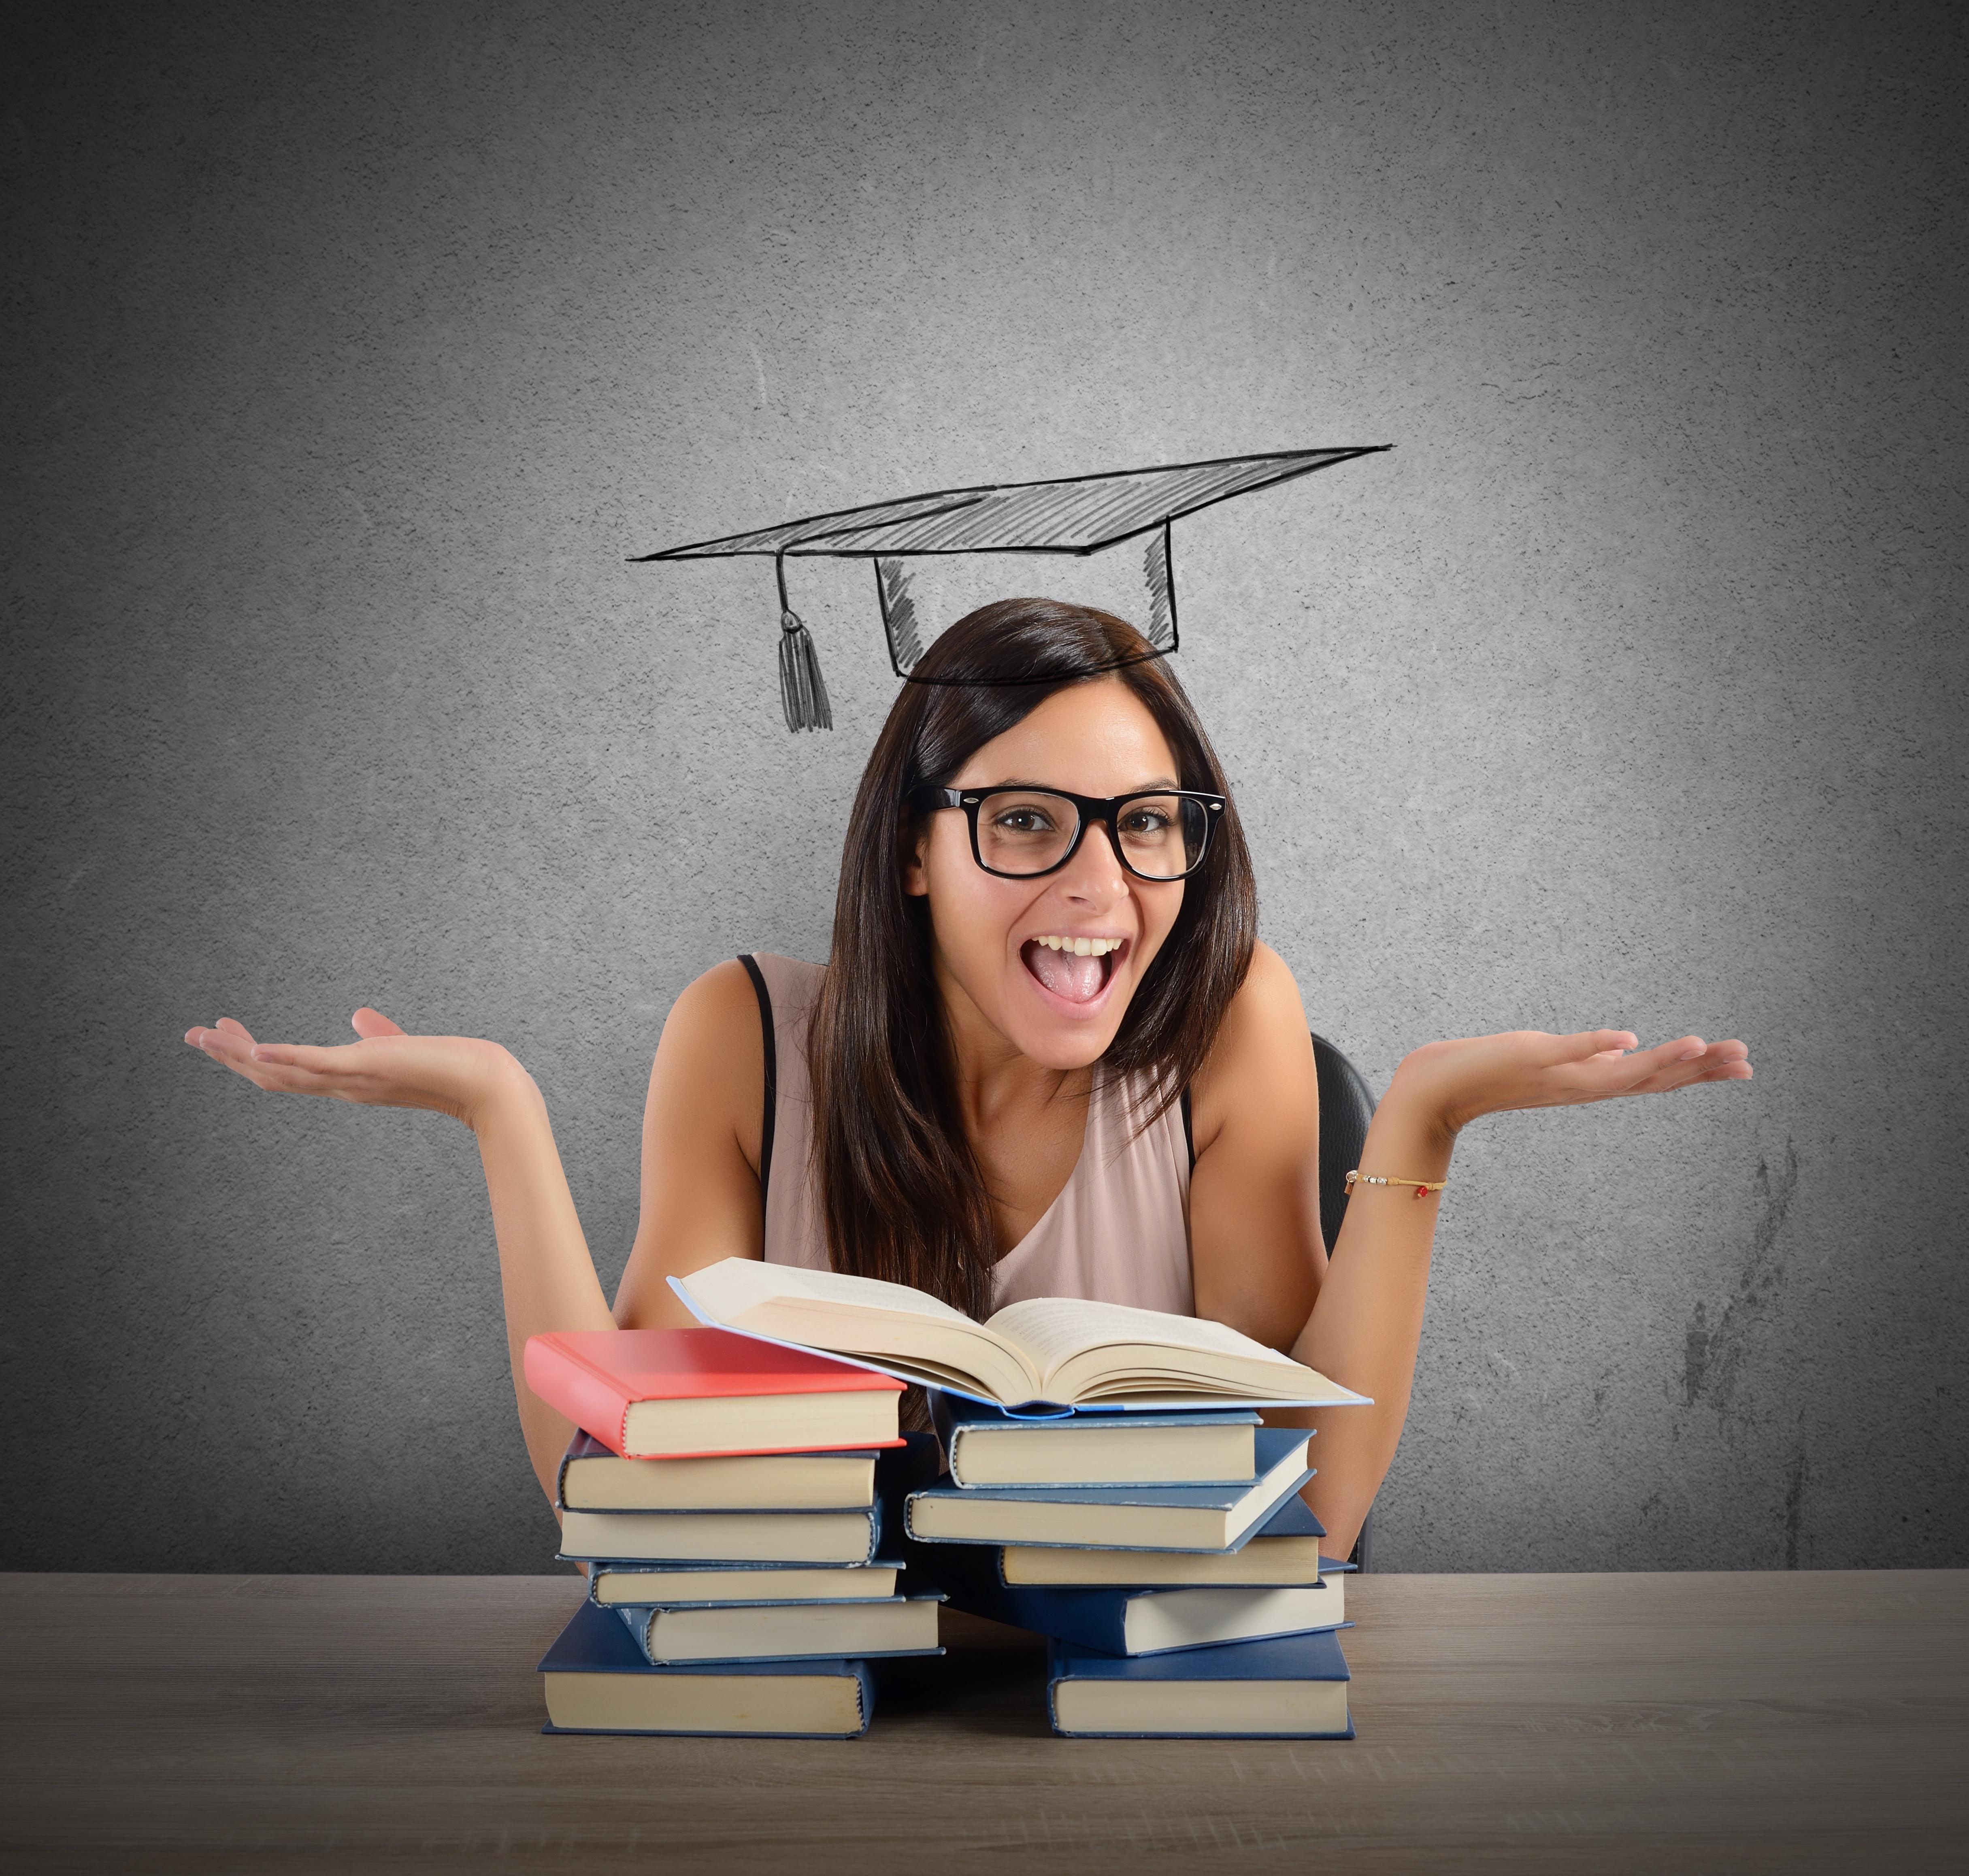 Abbildung zeigt eine junge Frau hinter einem Bücherstapel